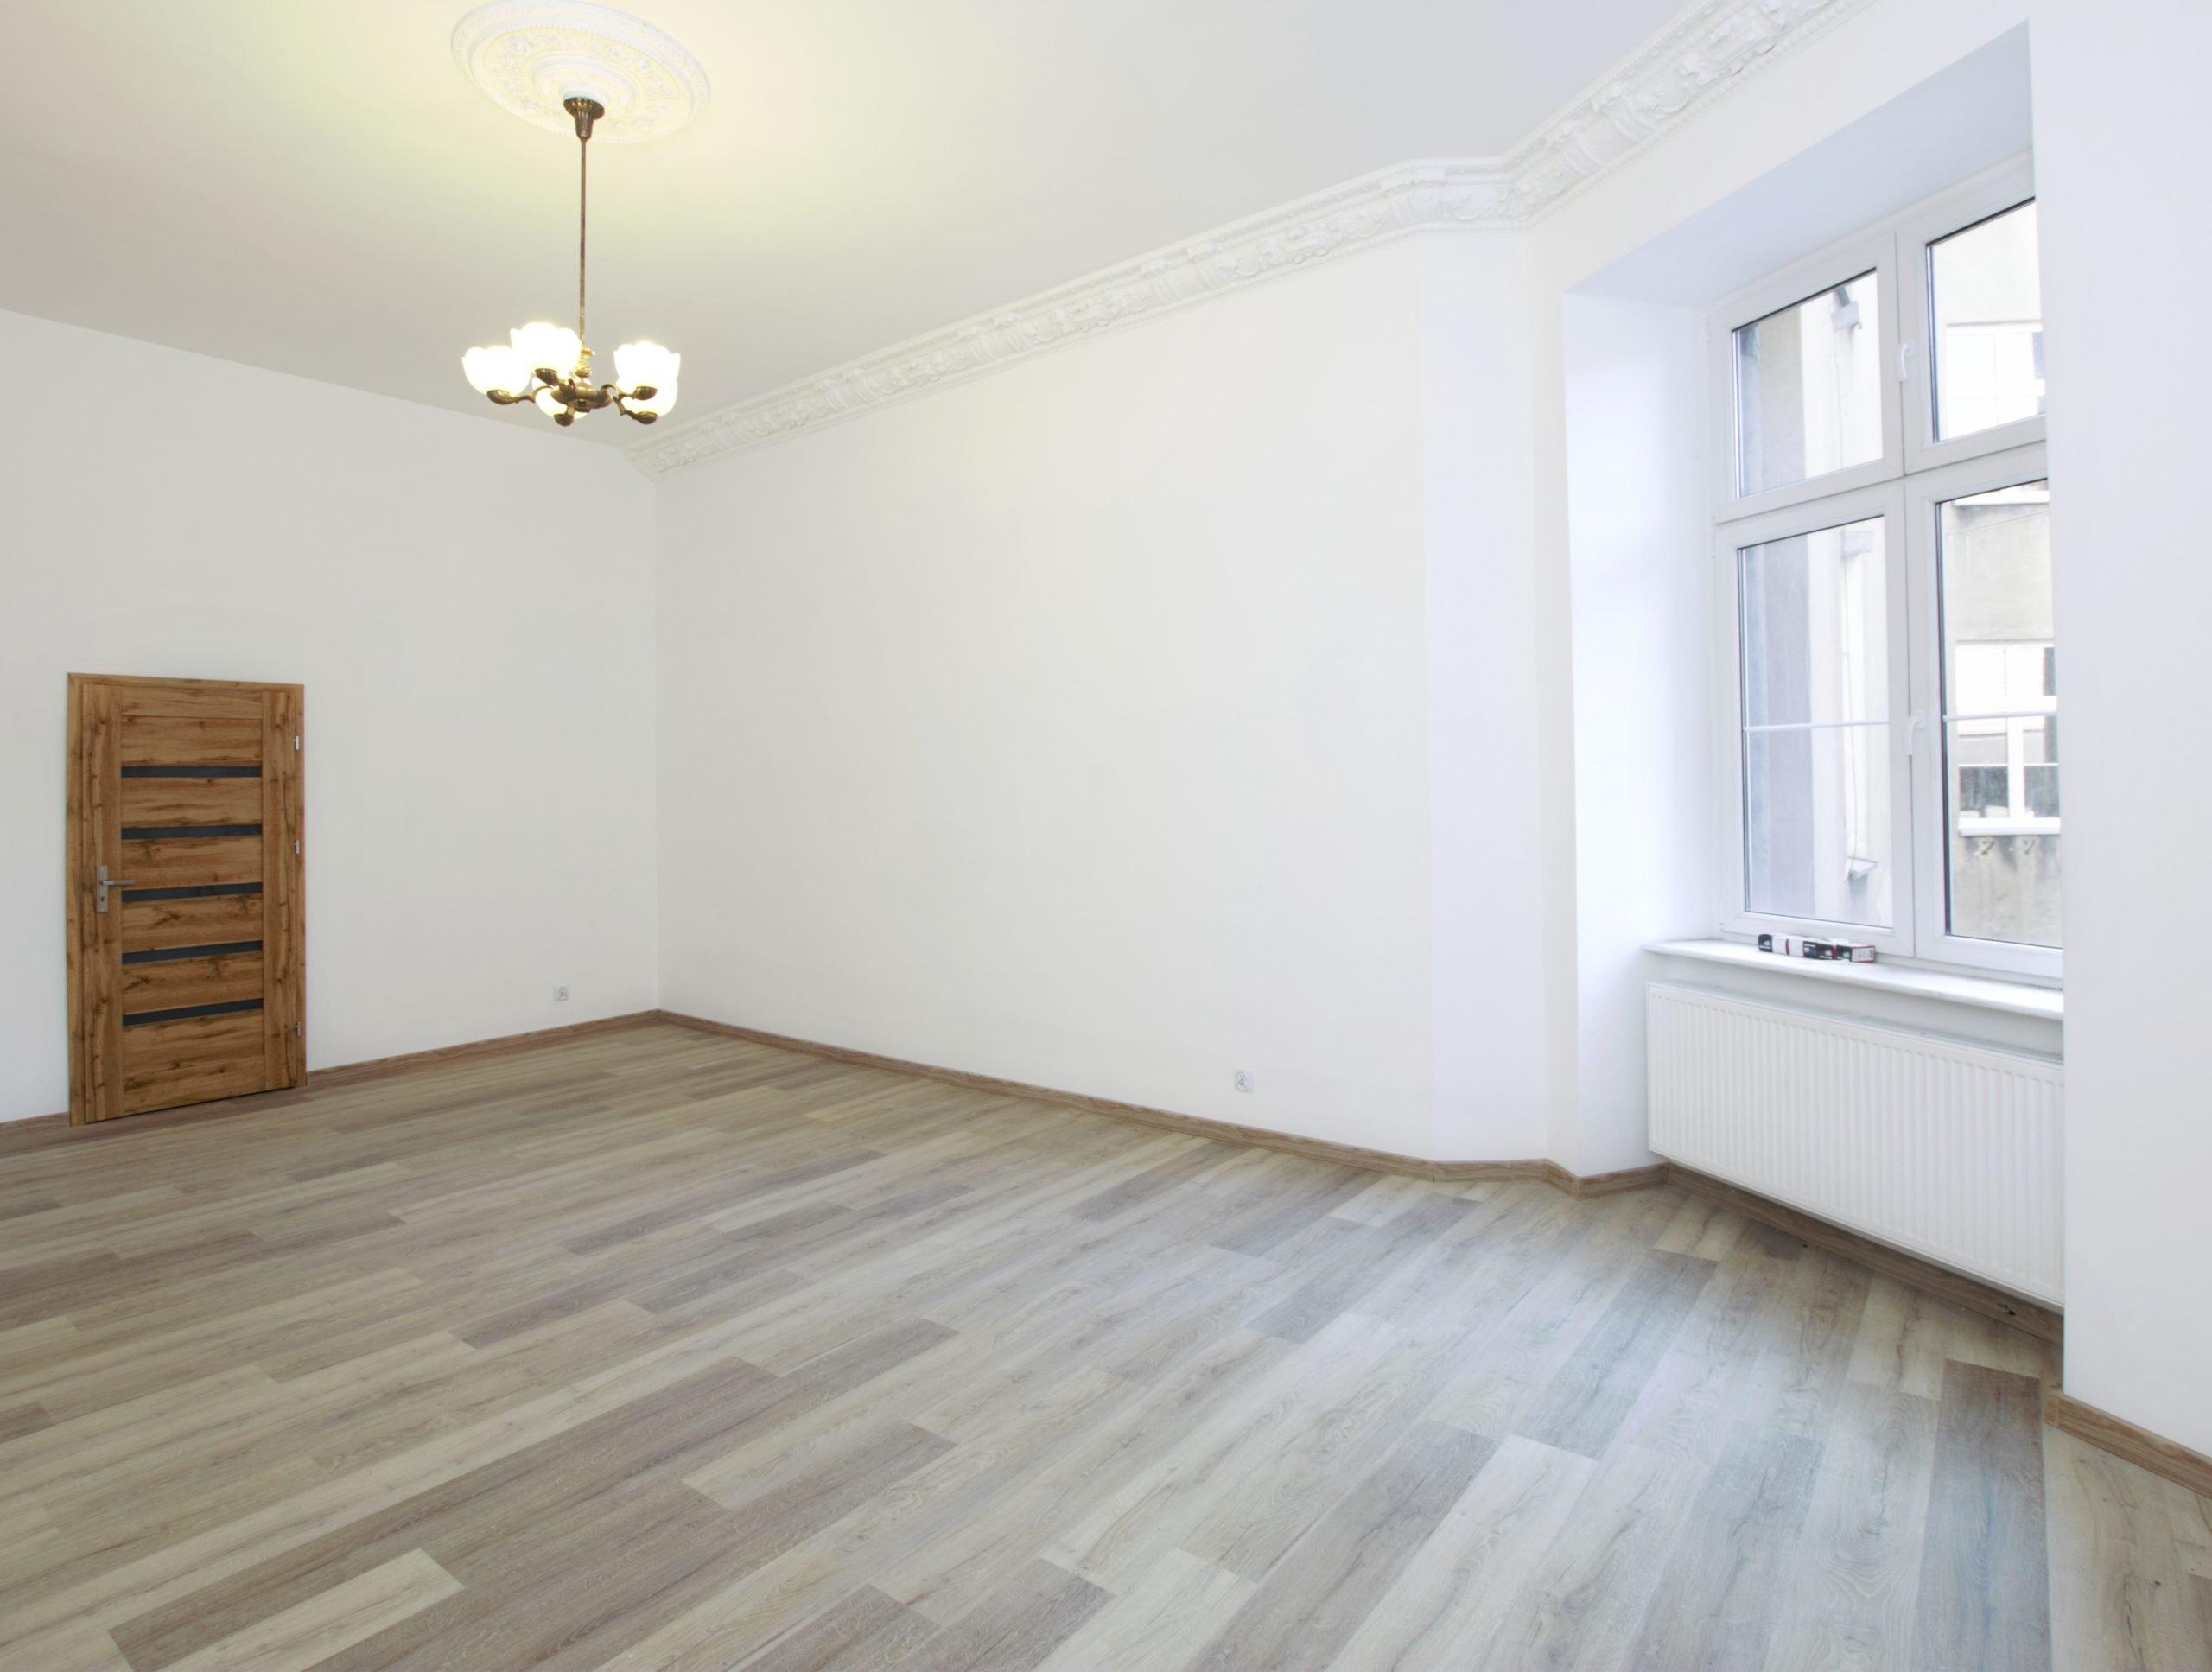 Przestronne mieszkanie, 91,5 m2, ul. Nowowiejskiego